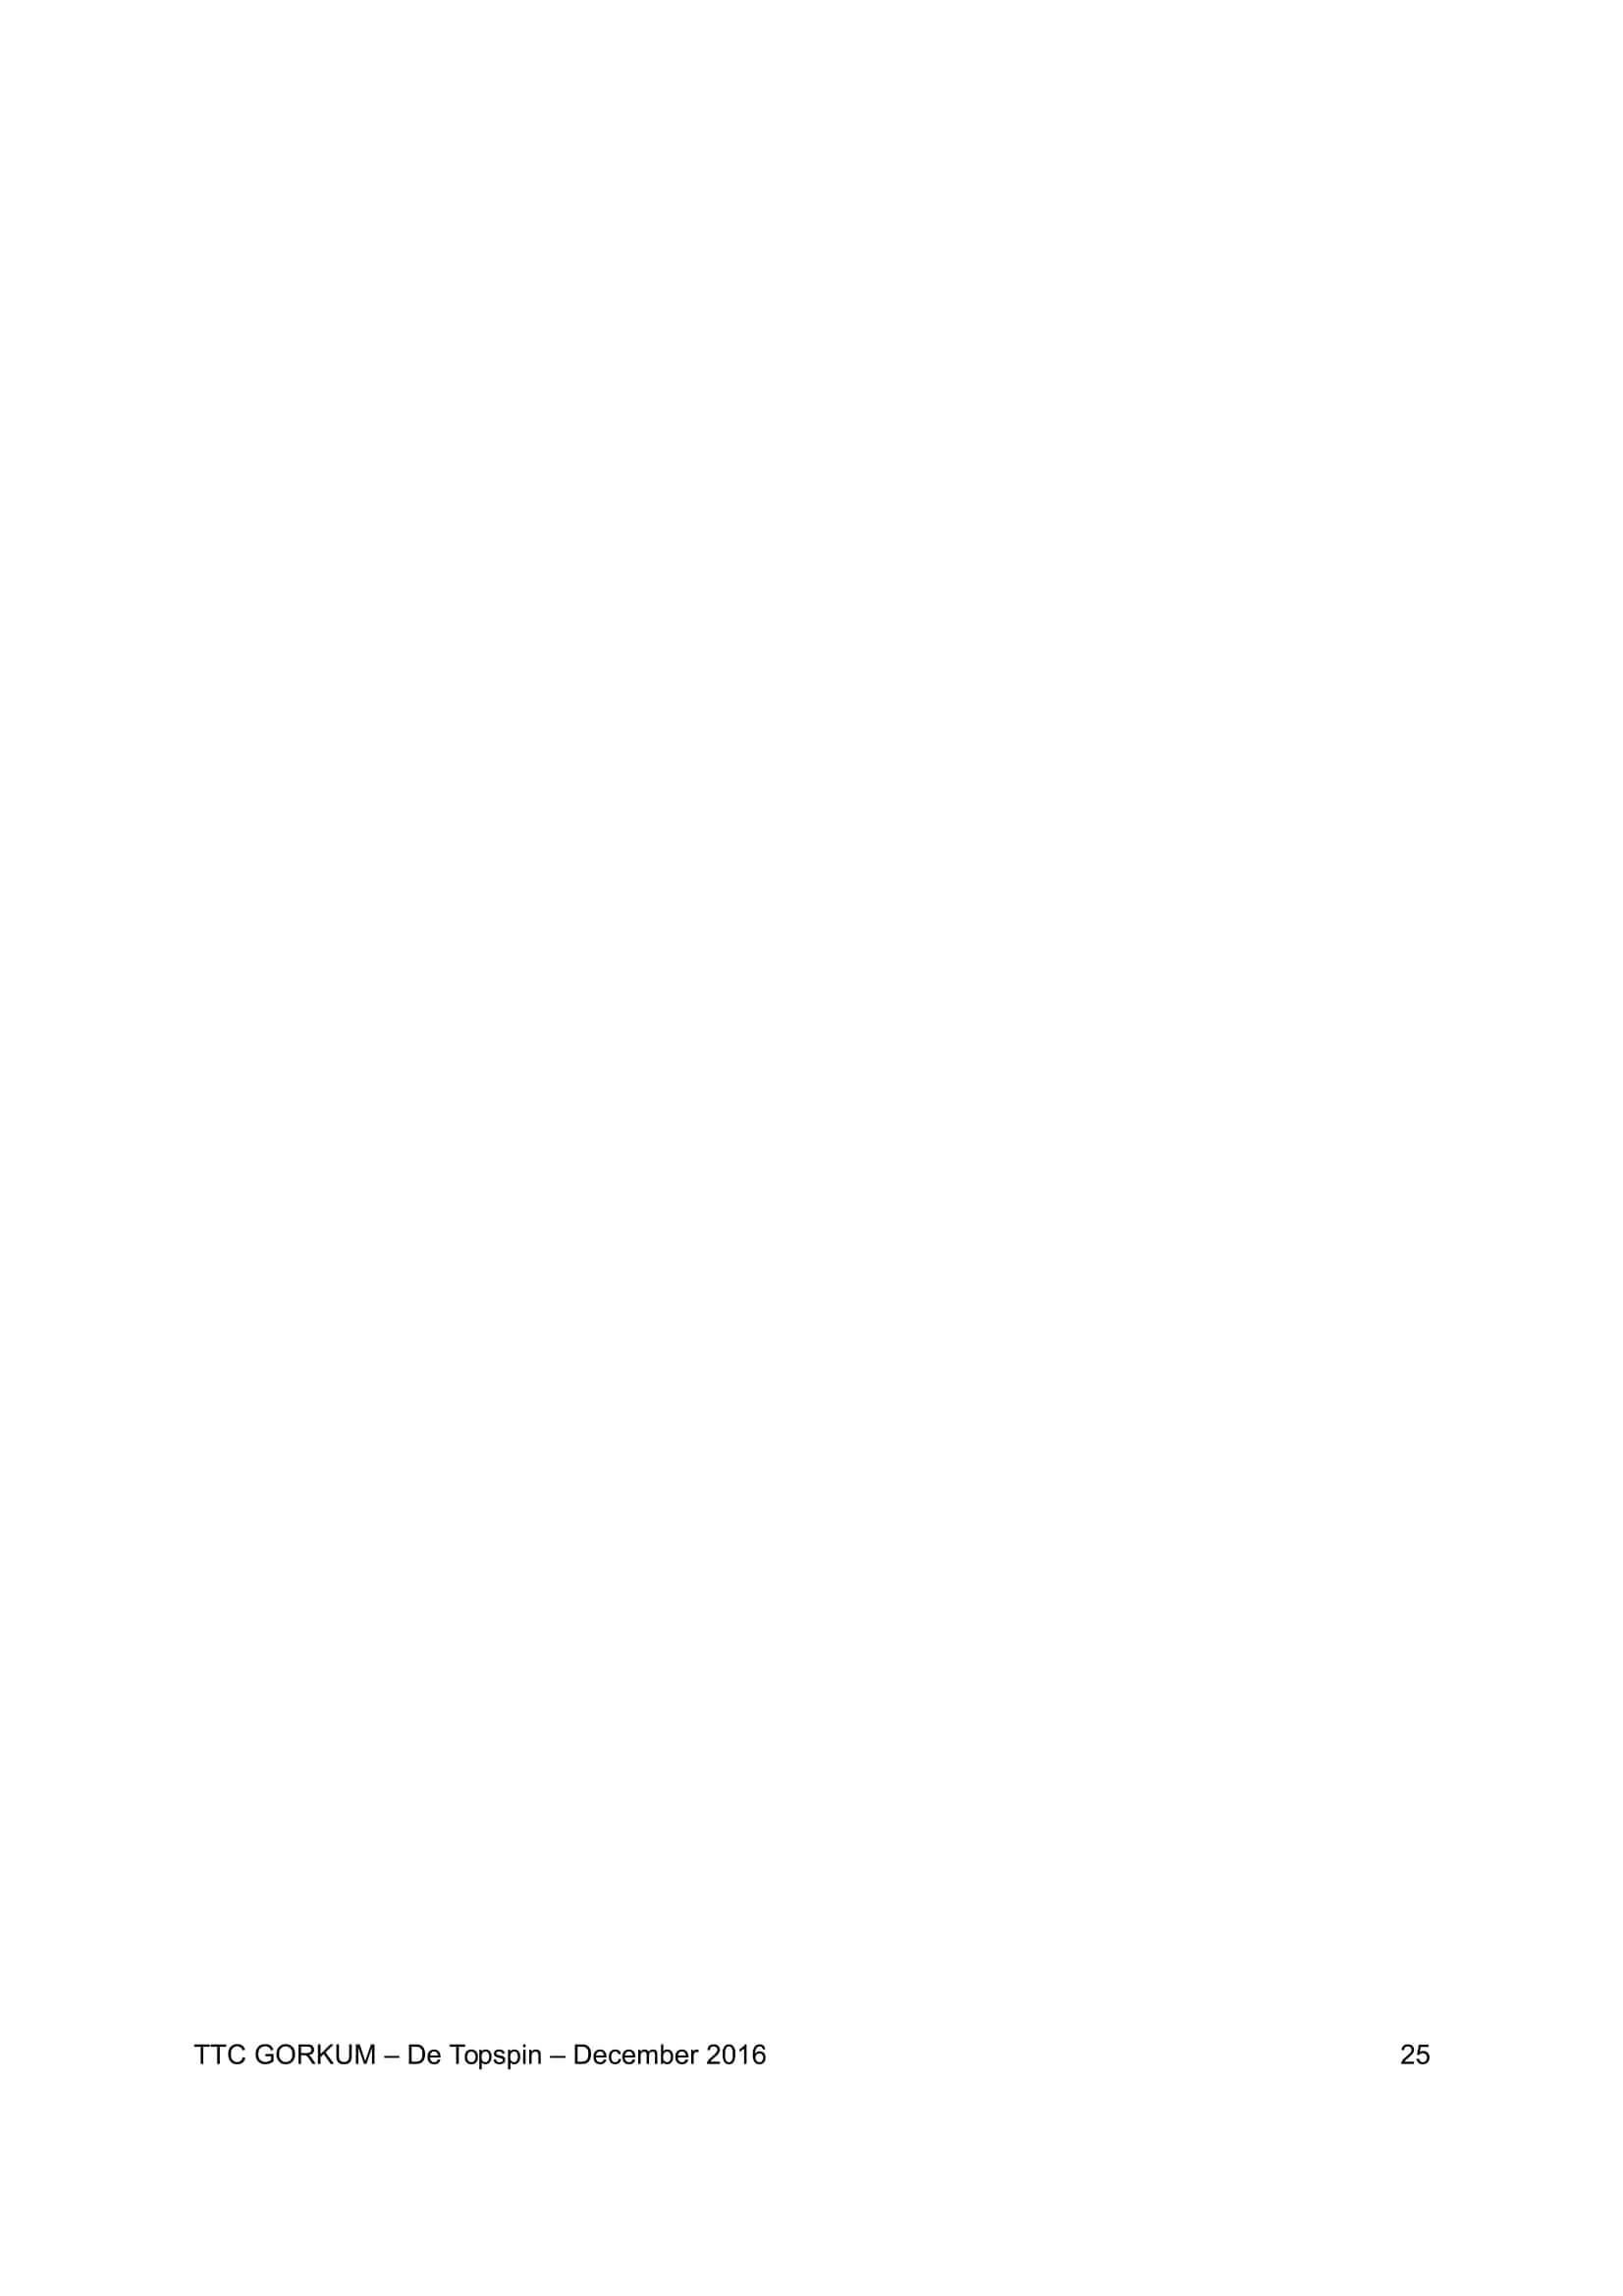 Topspin-2016-december-25